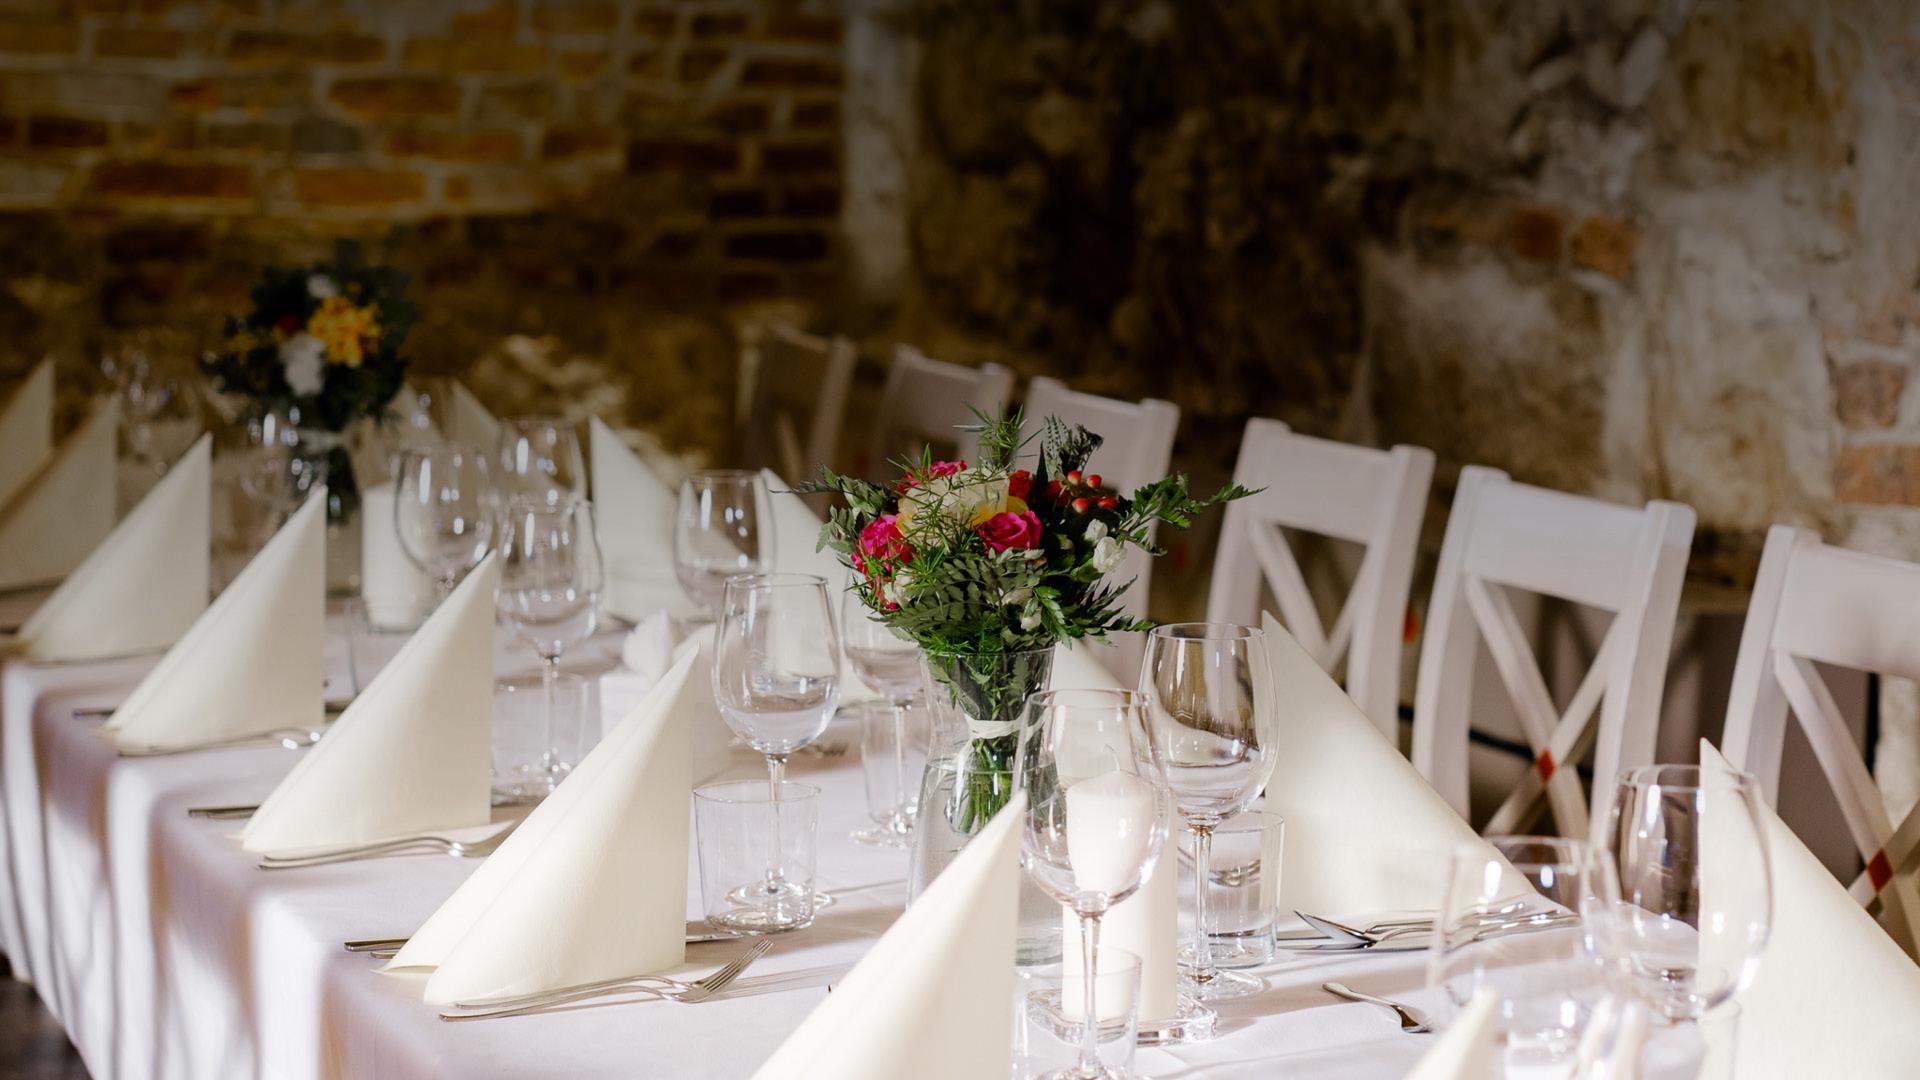 Eleganckie nakrycie stołu na przyjęcie okolicznościowe. Białe obrusy, świeże kwiaty i świece.